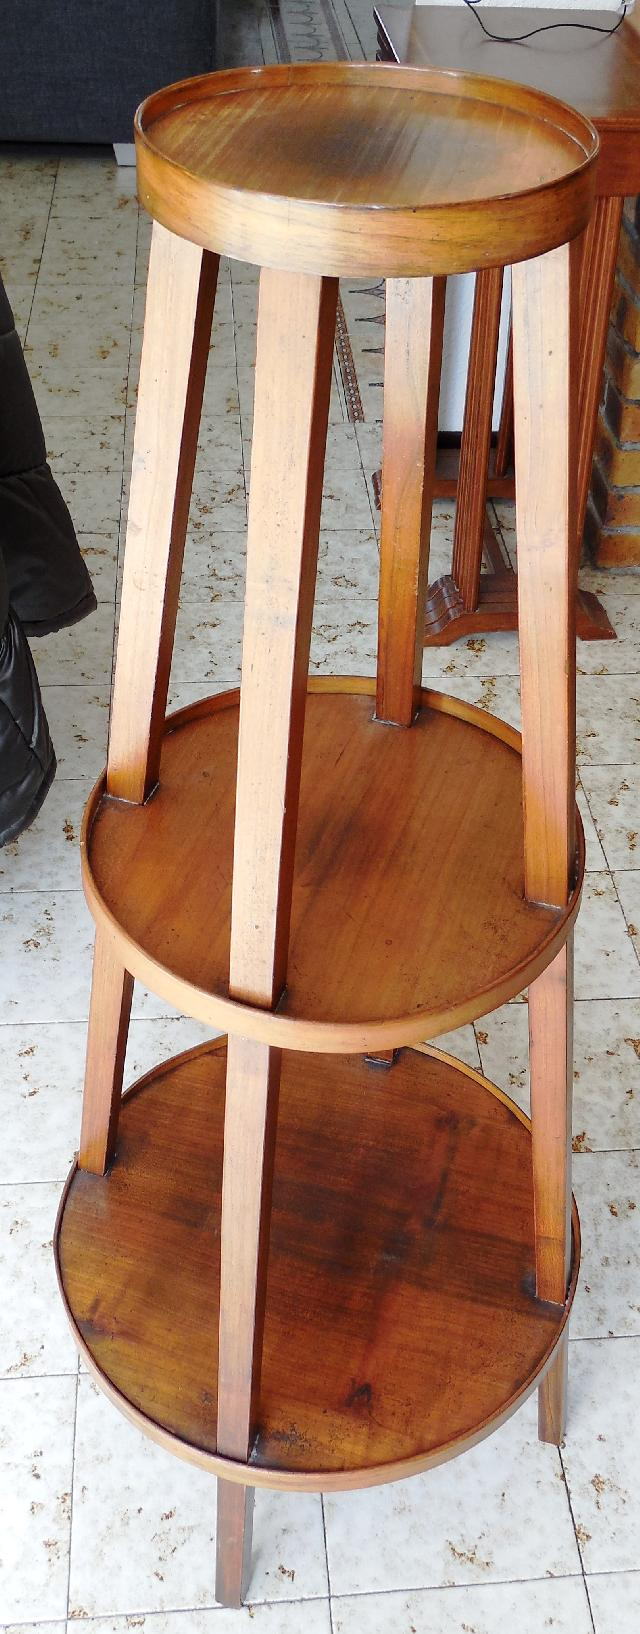 Photo meuble lampe for Petit meuble pour lampe de salon